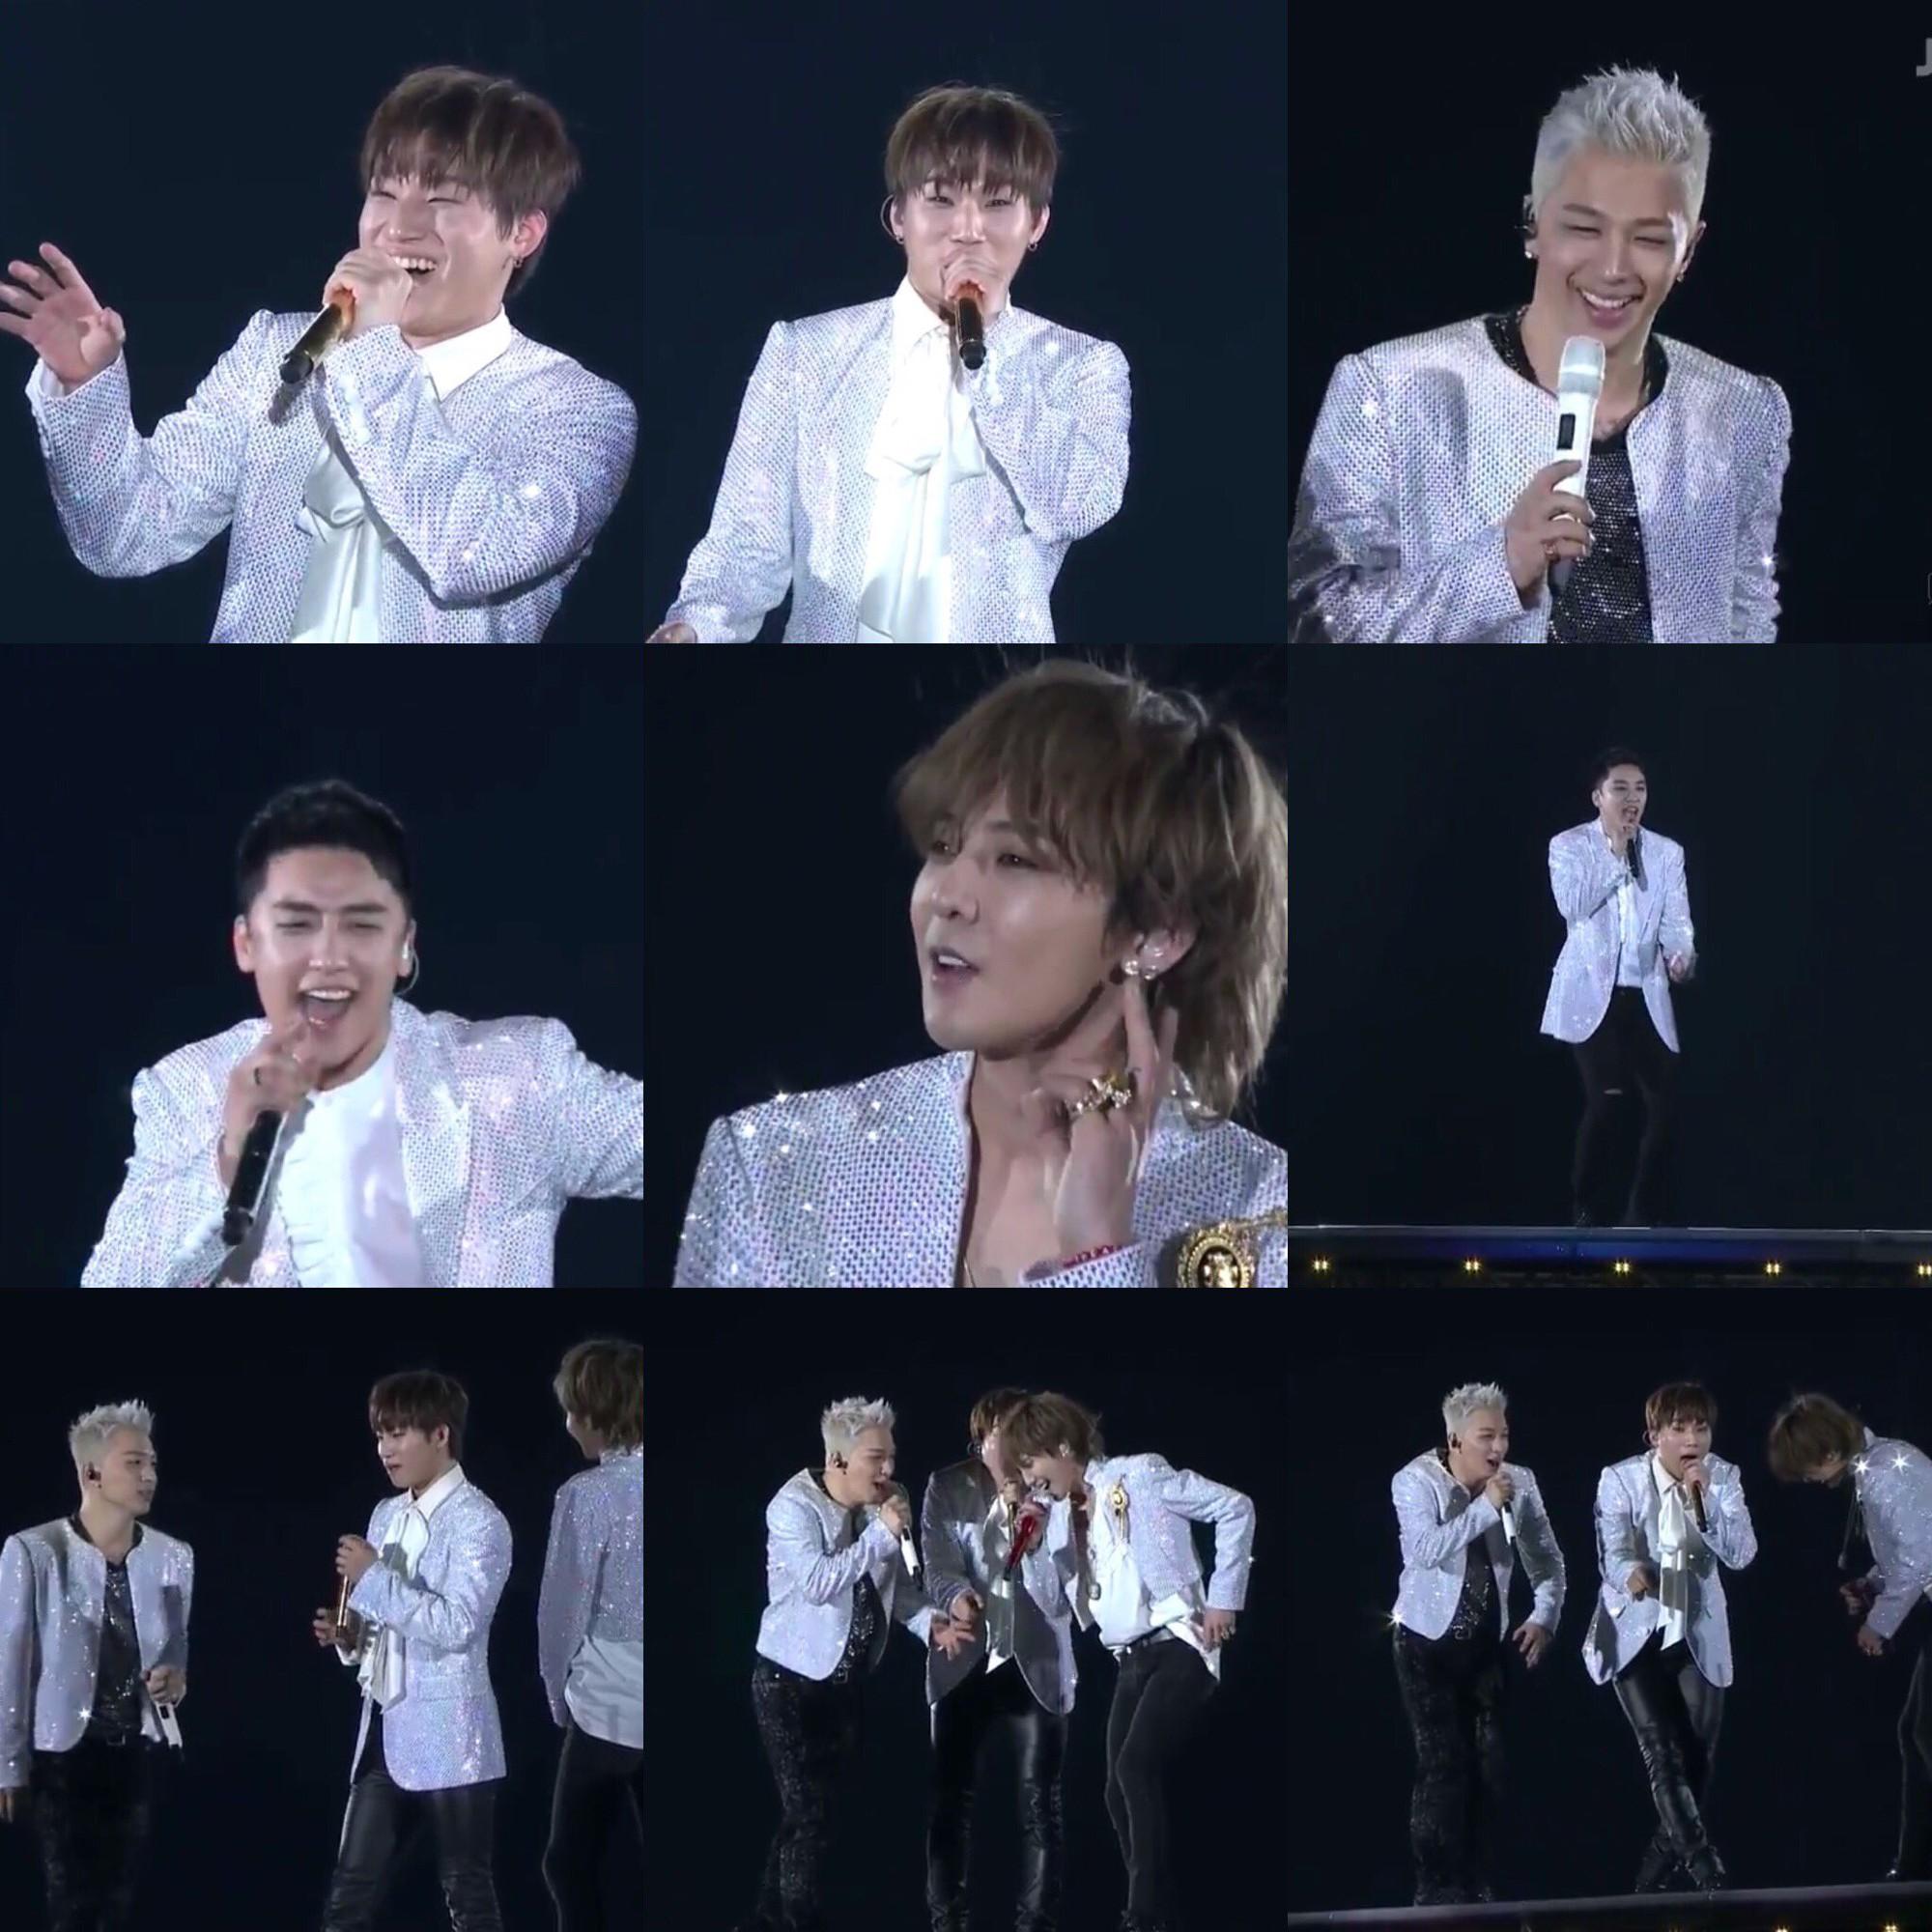 Đêm concert cuối cùng: Như thể cả Hàn Quốc kéo đến để xem Big Bang - Ảnh 2.